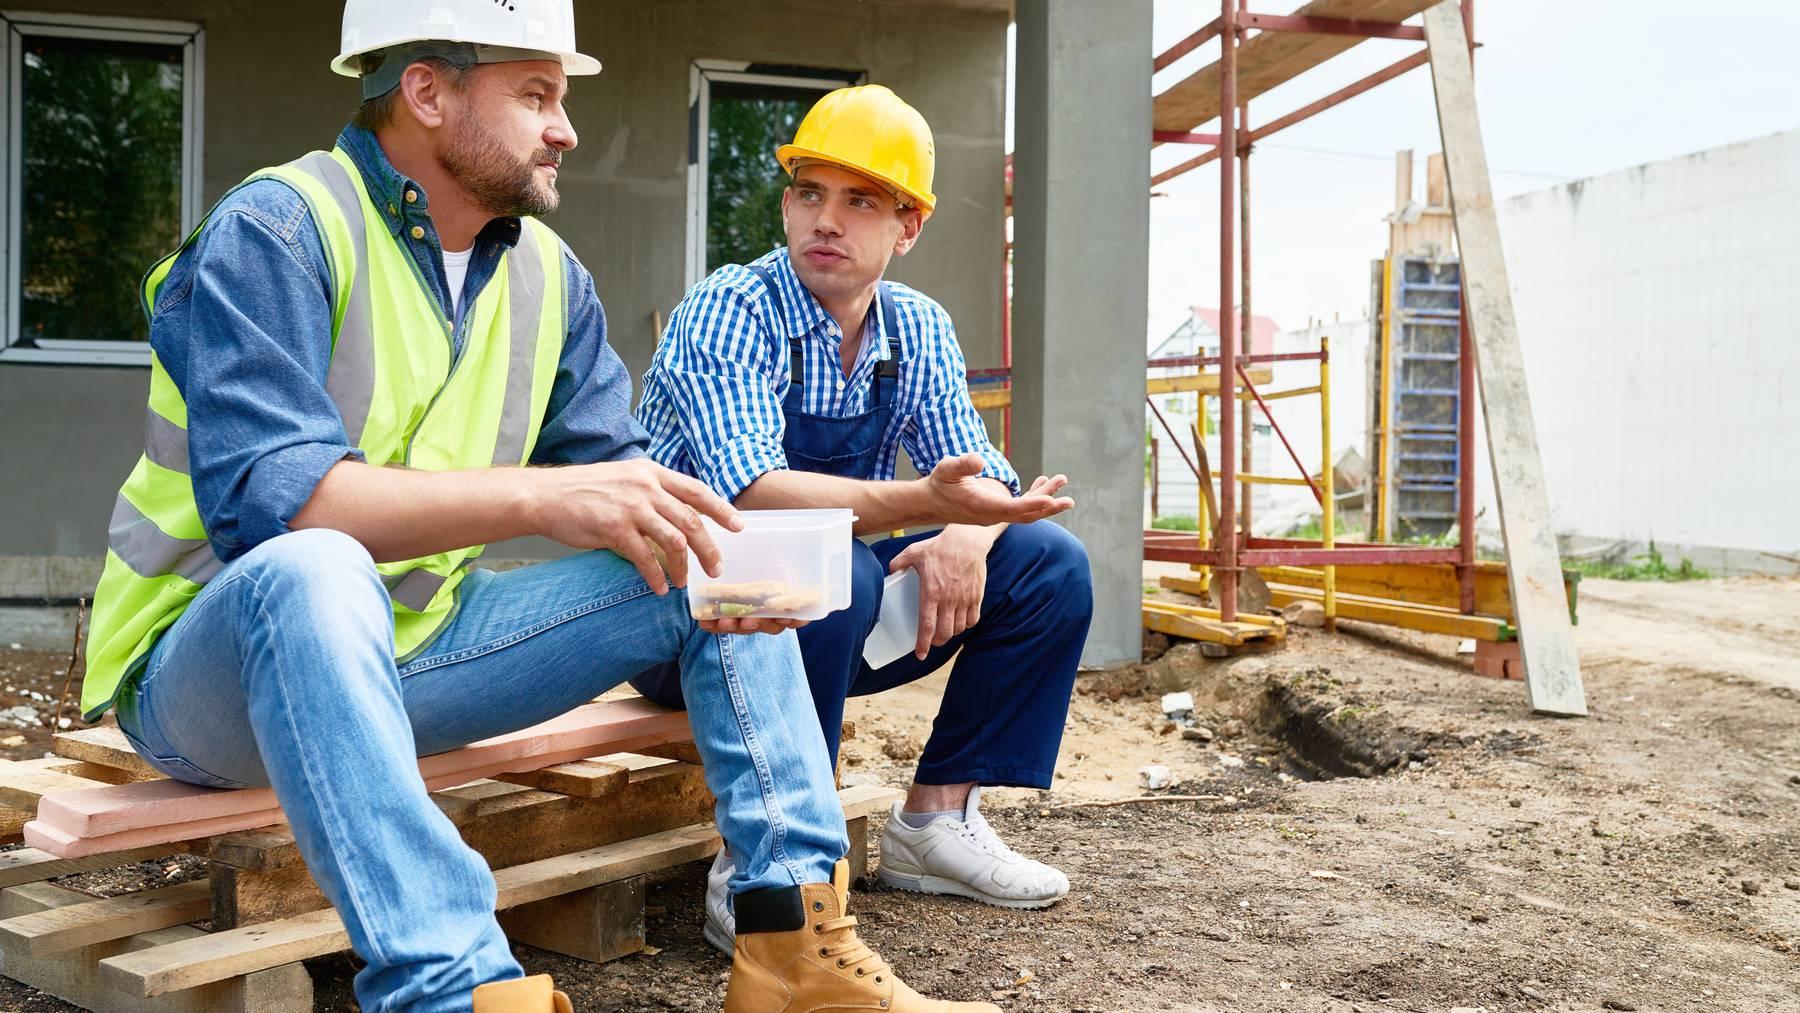 Die Esssituation gestaltet sich für Bauarbeiter oft schwierig. (Symbolbild)